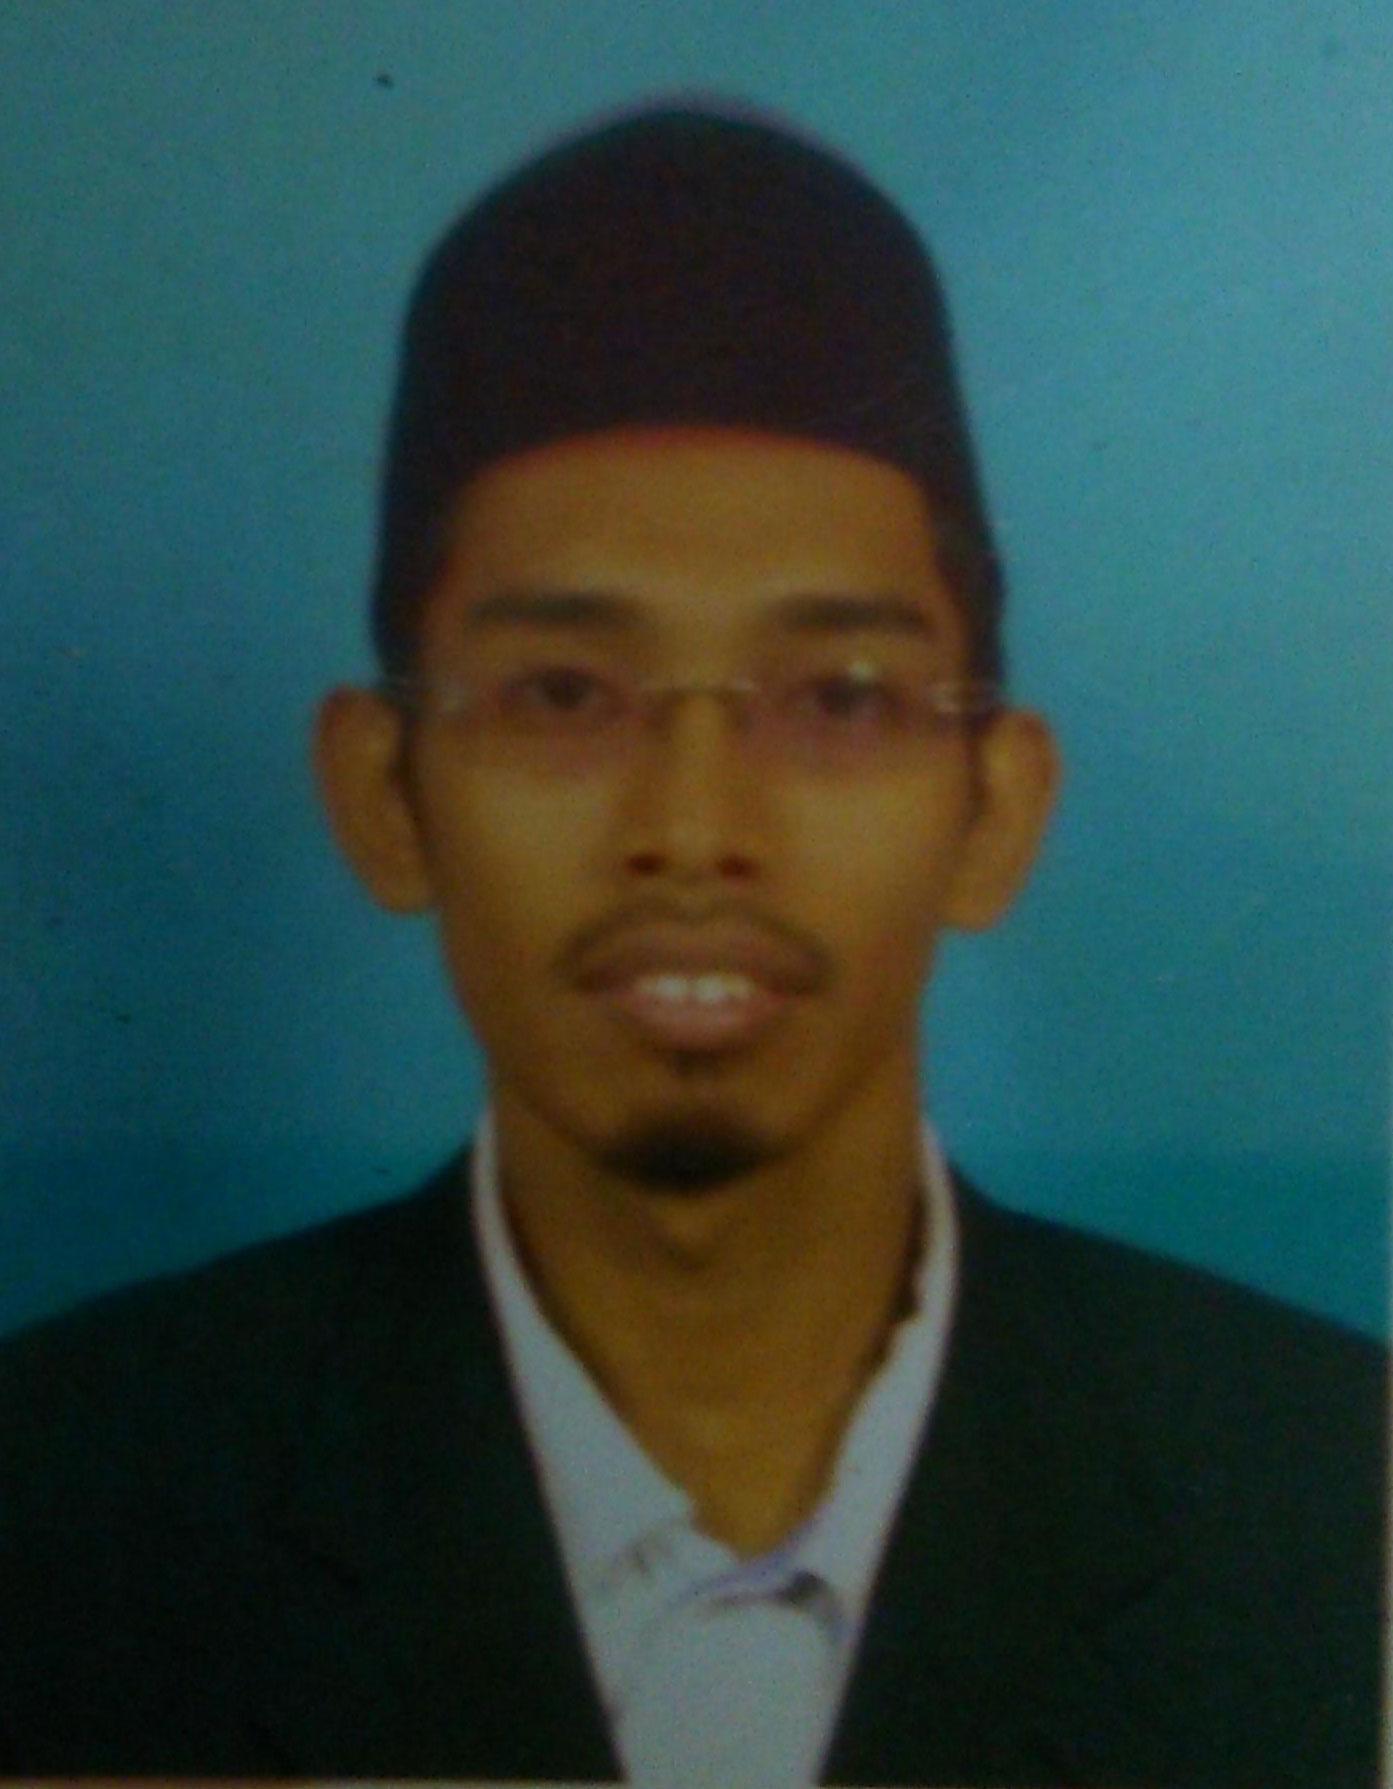 Mohd Shukri